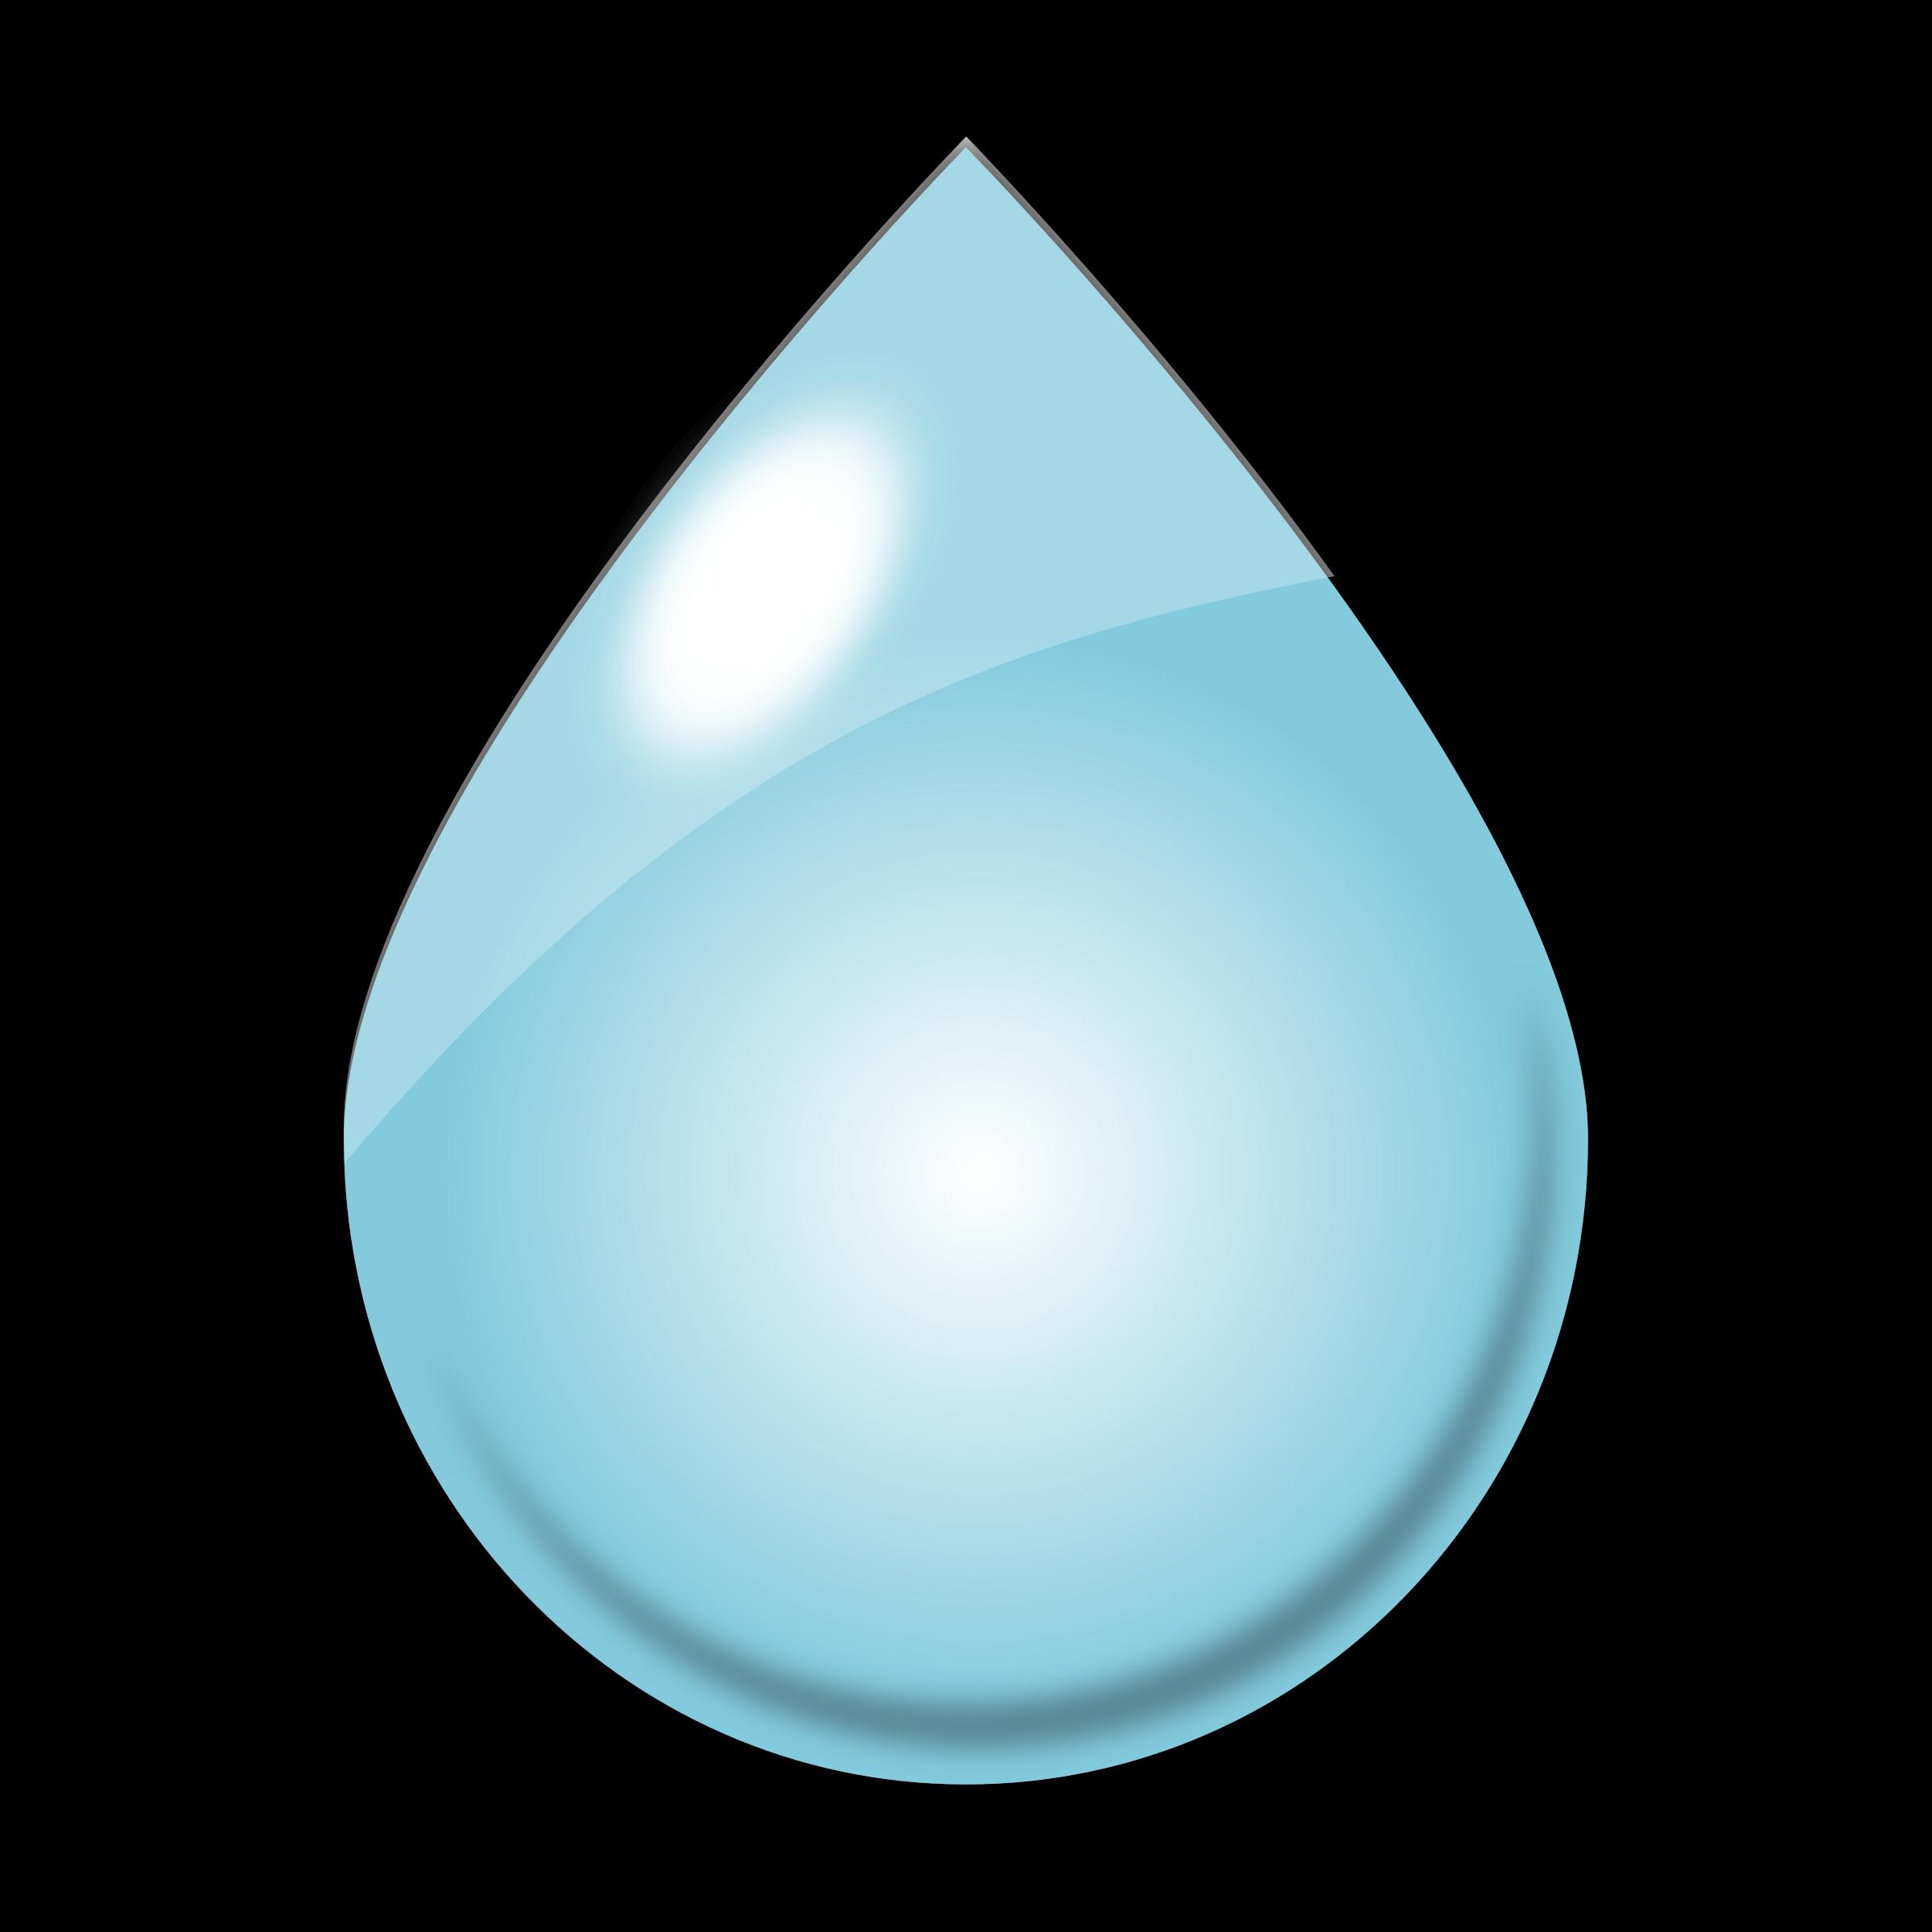 Raindrop Clip Art Clipart - raindrop1